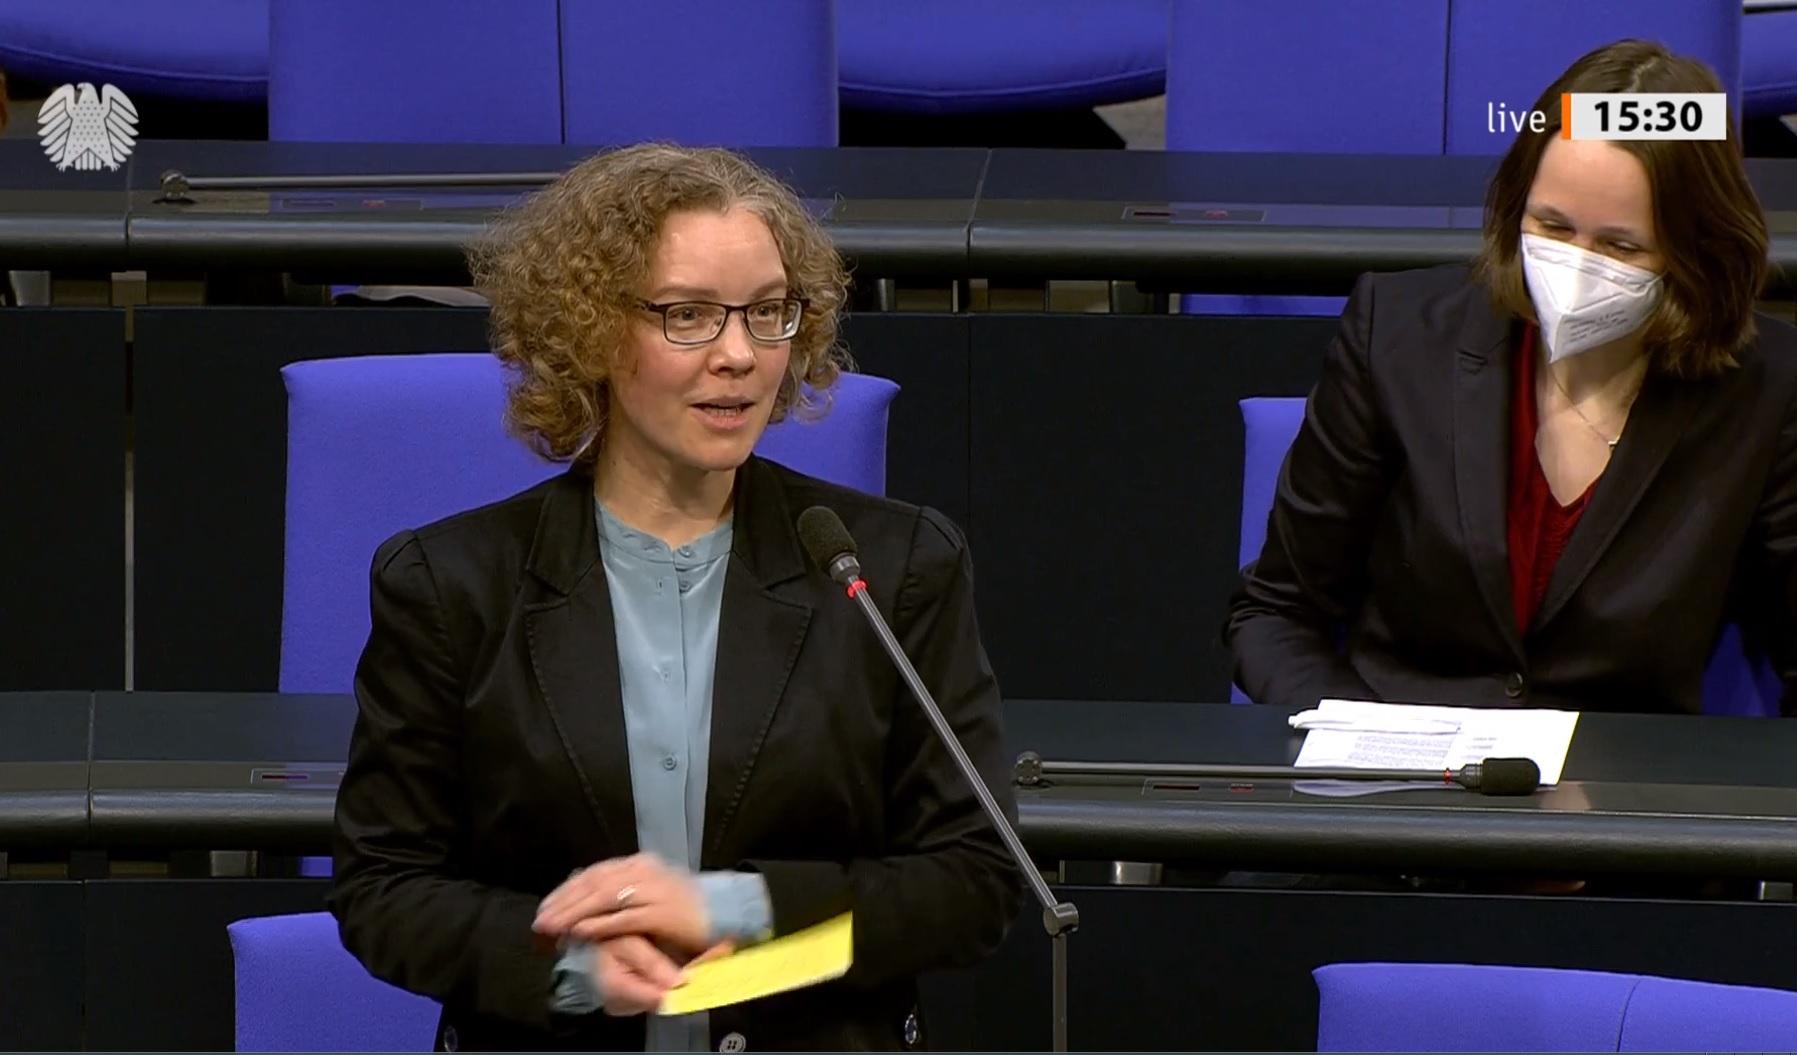 Julia Verlinden am Mikrofon im Bundestag